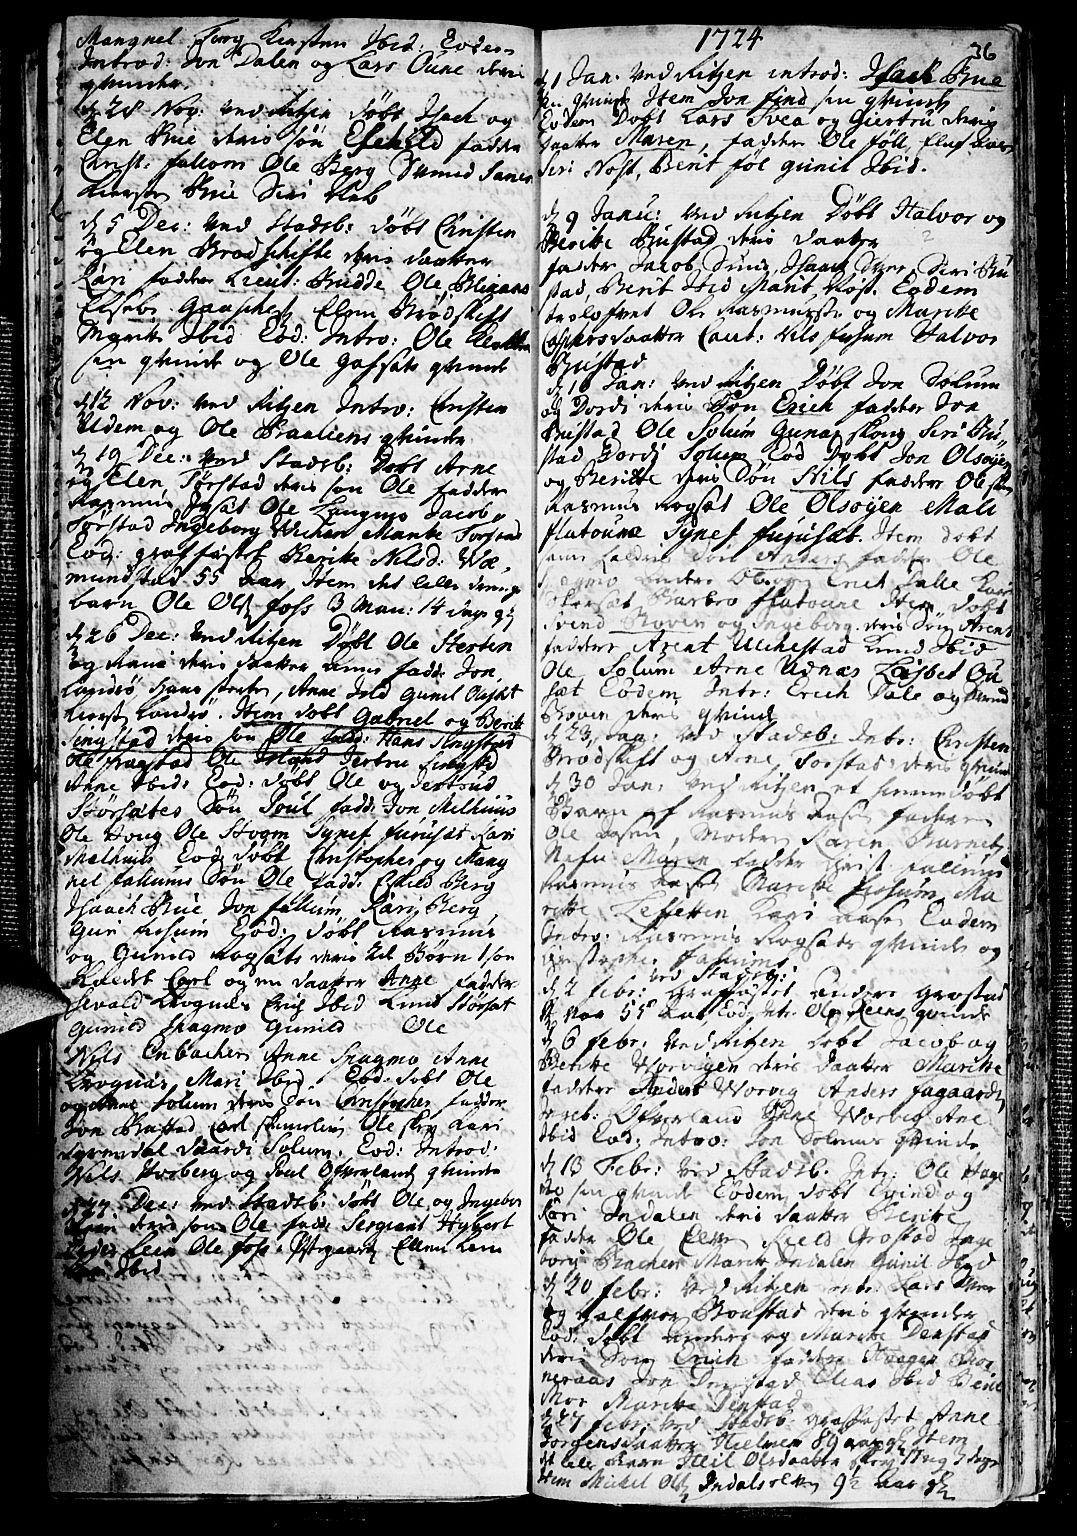 SAT, Ministerialprotokoller, klokkerbøker og fødselsregistre - Sør-Trøndelag, 646/L0603: Ministerialbok nr. 646A01, 1700-1734, s. 36